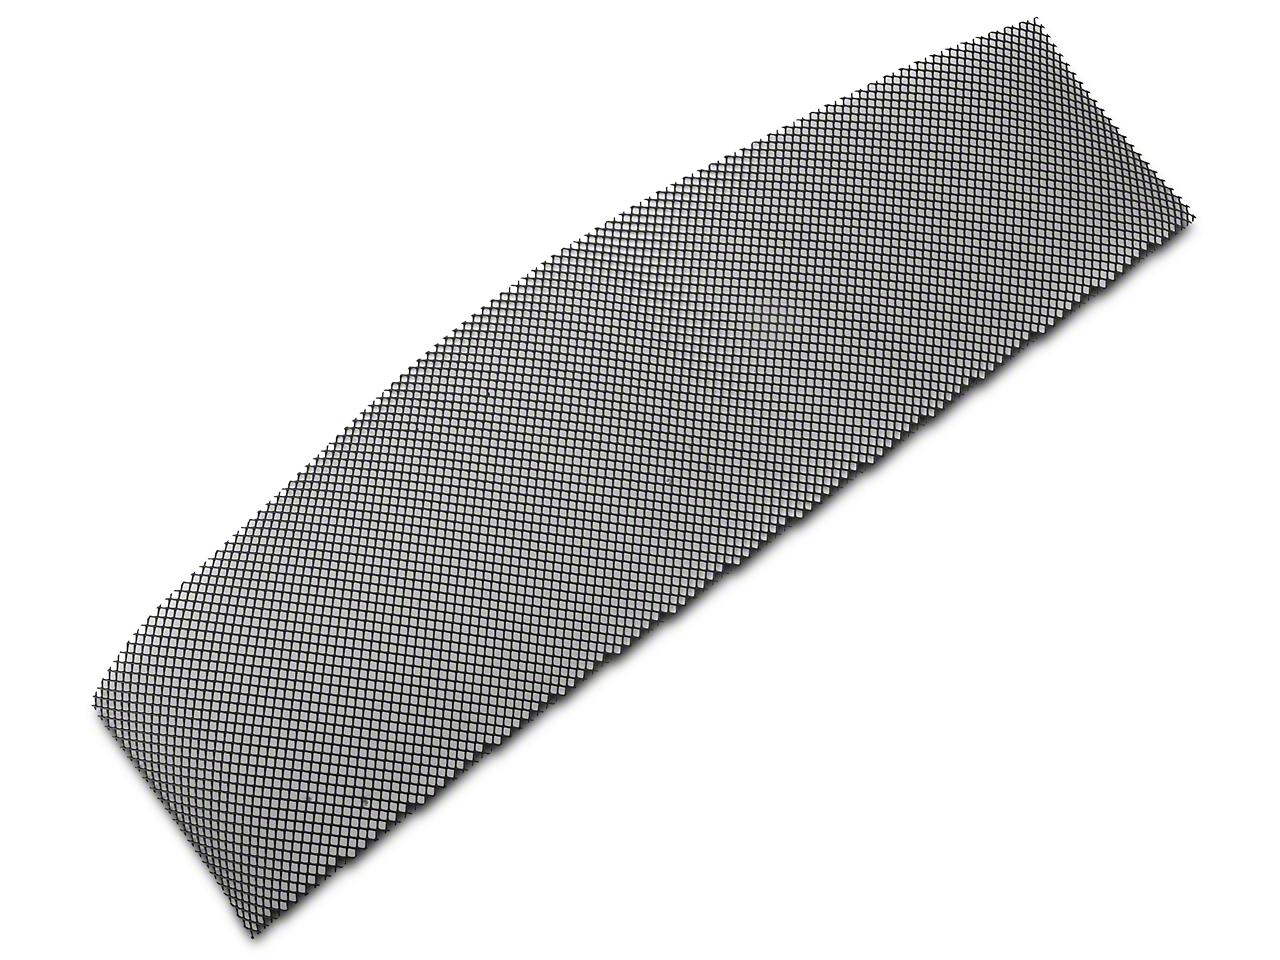 SHR Lower Grille Diamond Mesh Insert (11-12 GT/CS; 2012 BOSS 302)